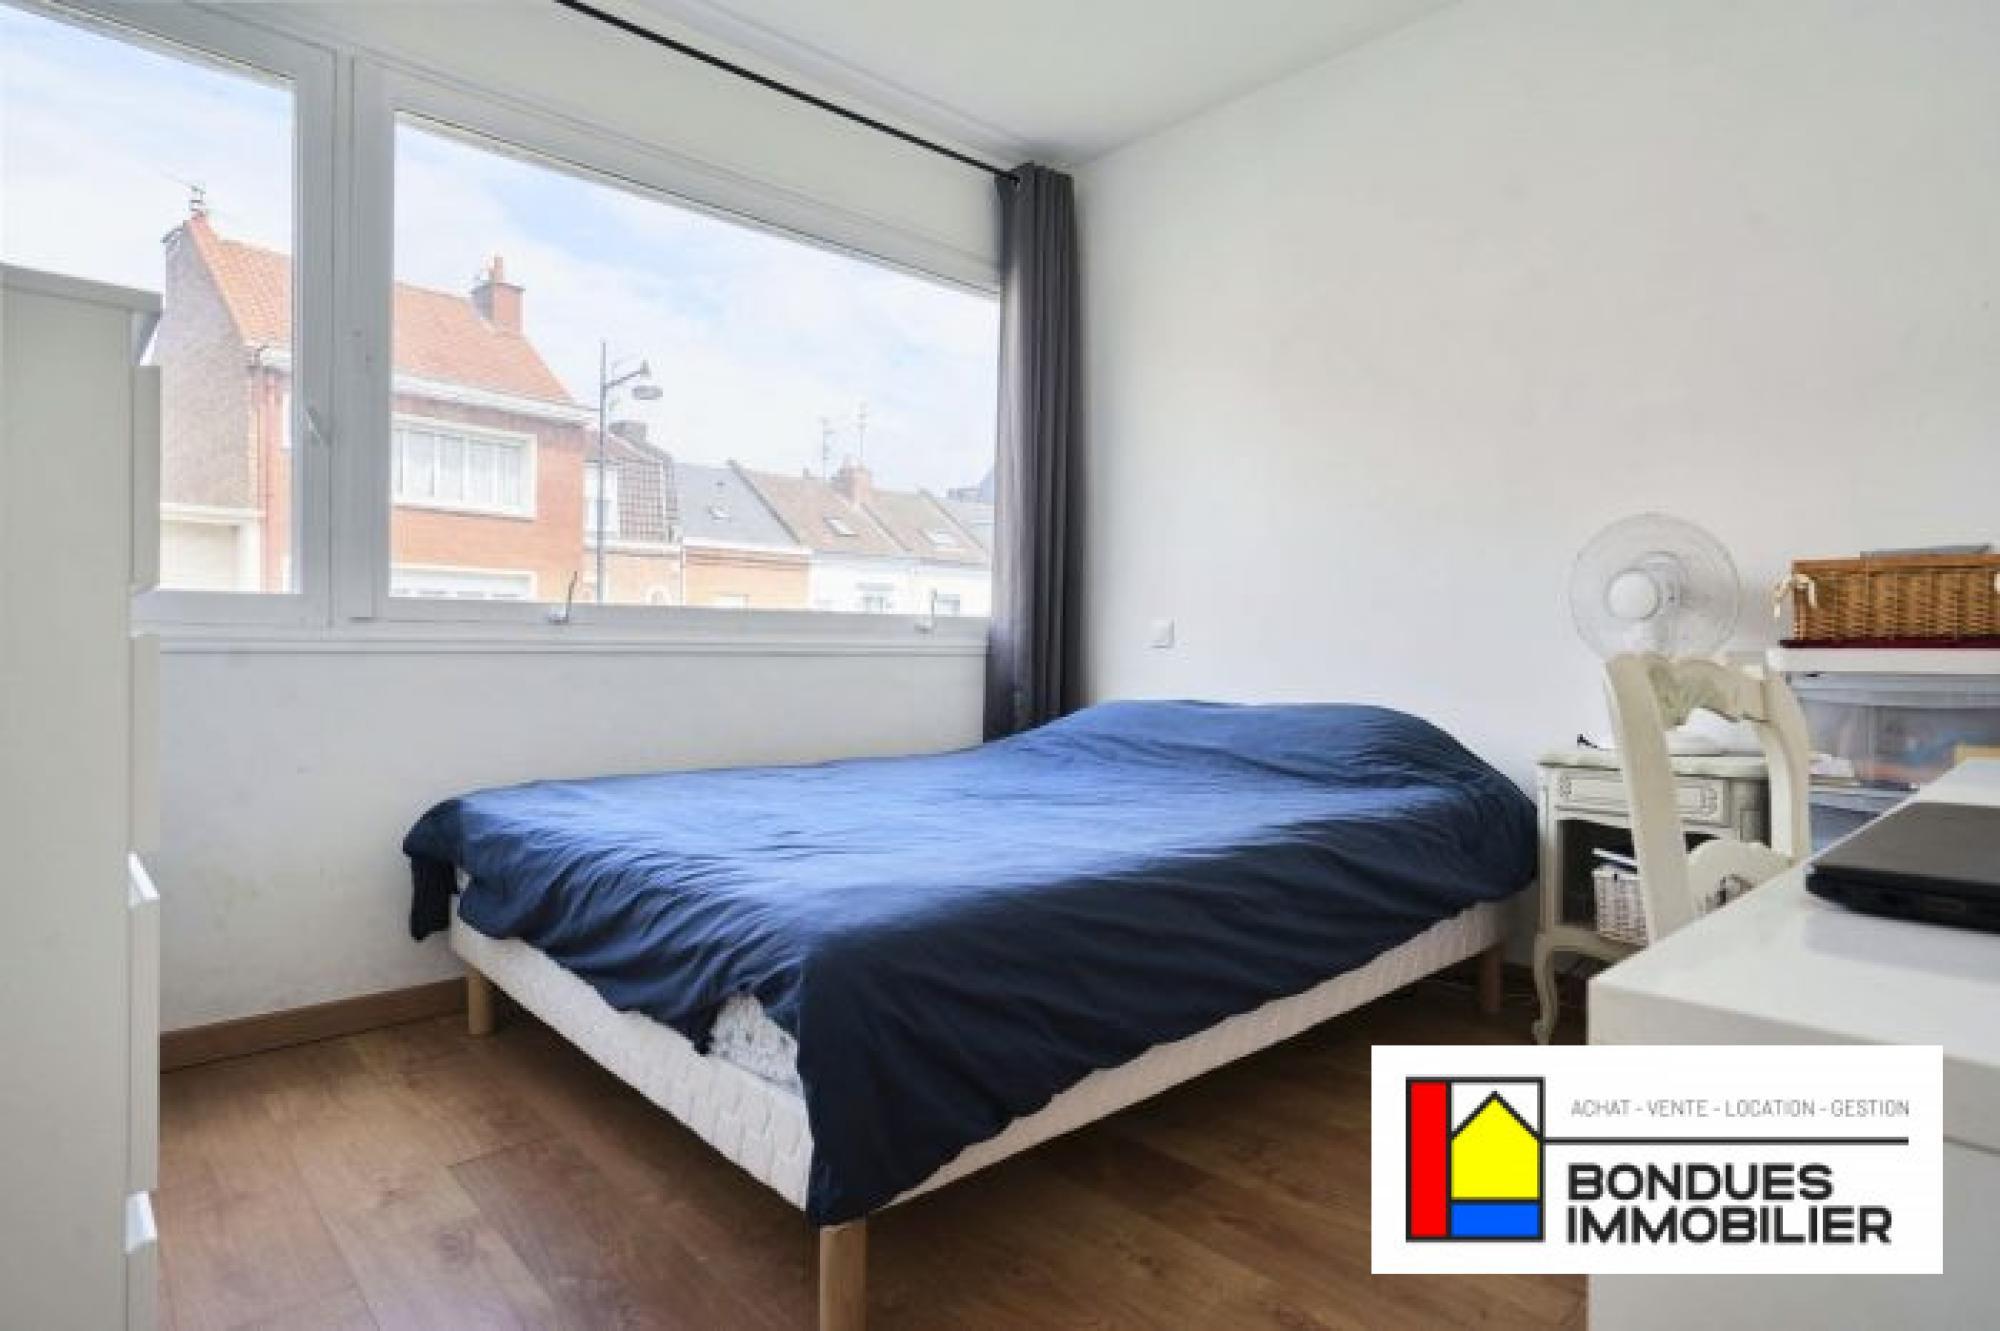 vente appartement marcq en barœul refVA2138 (10)